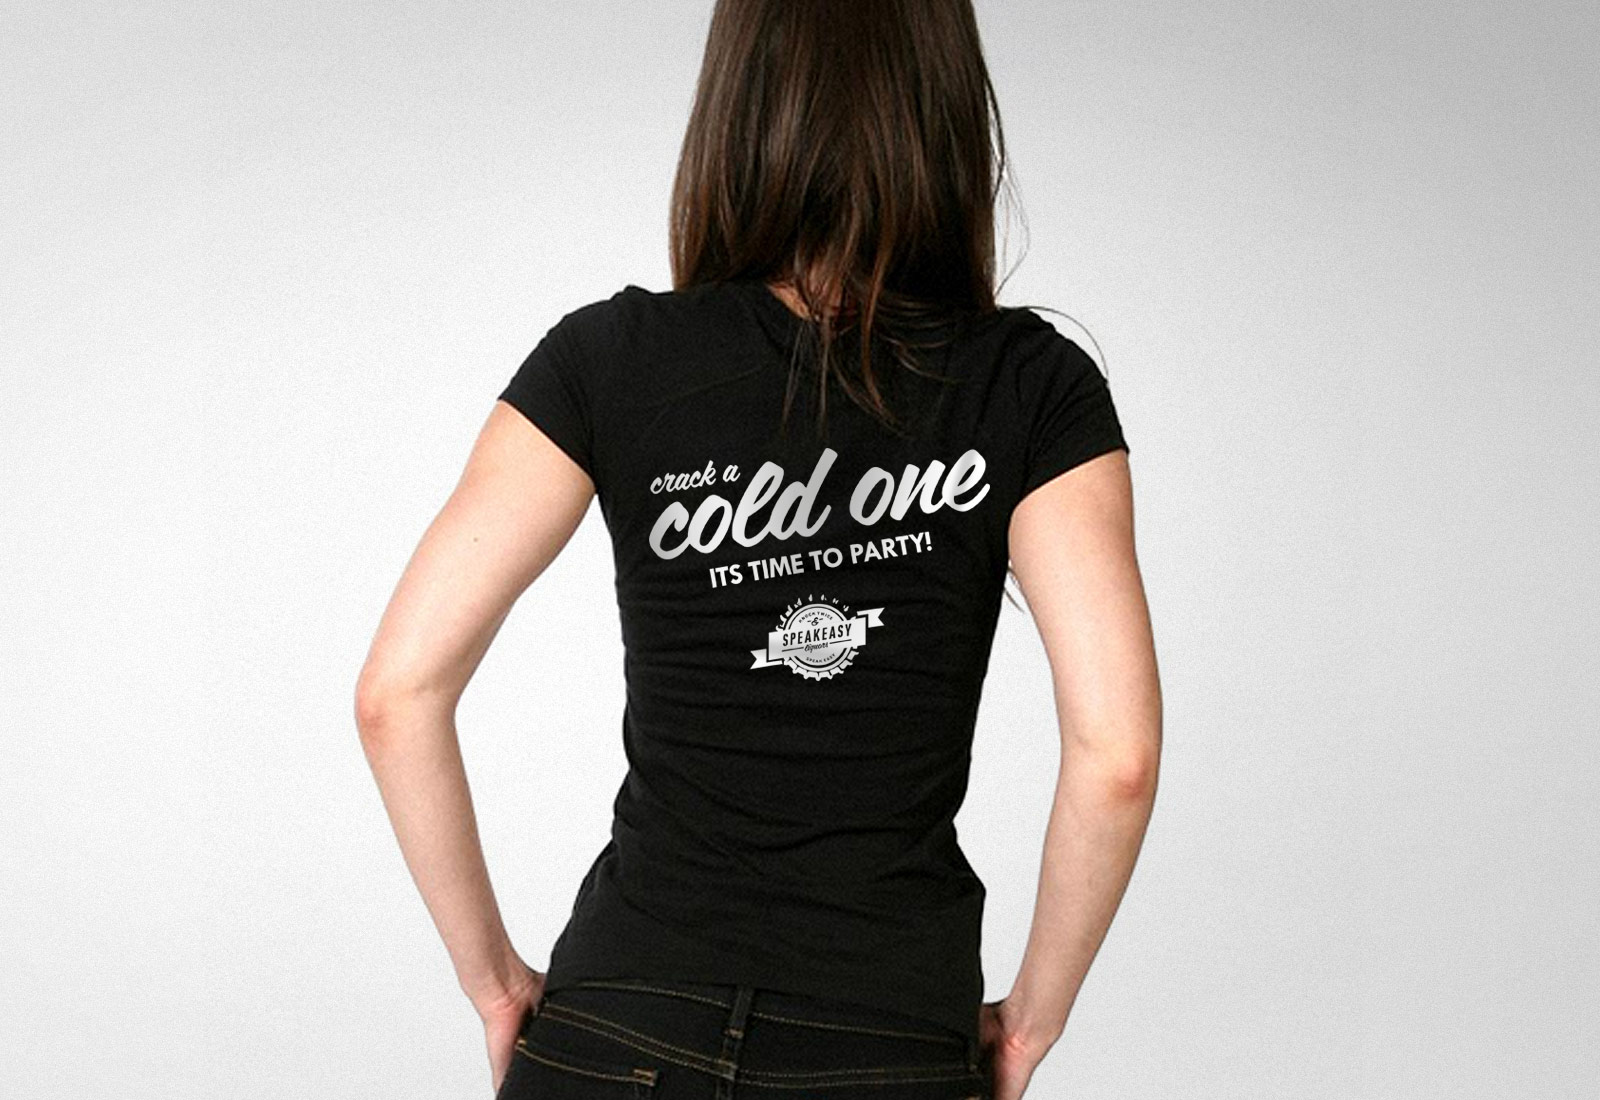 Speakeasy Liquors Tshirt Cold One